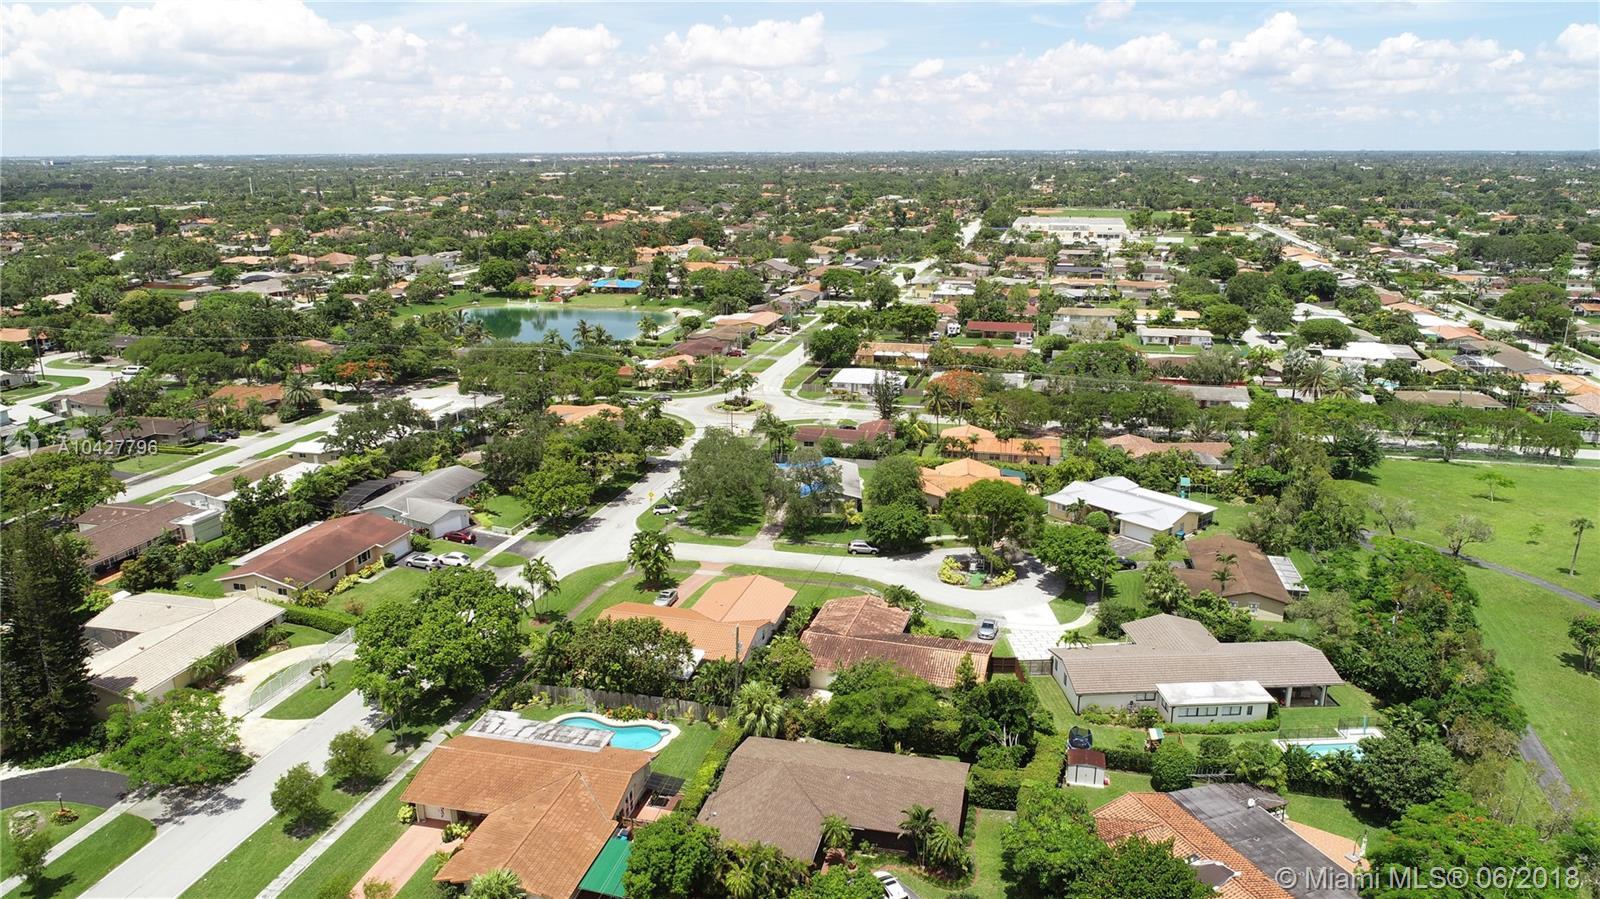 6305 Sw 90th Ct, Miami FL, 33173